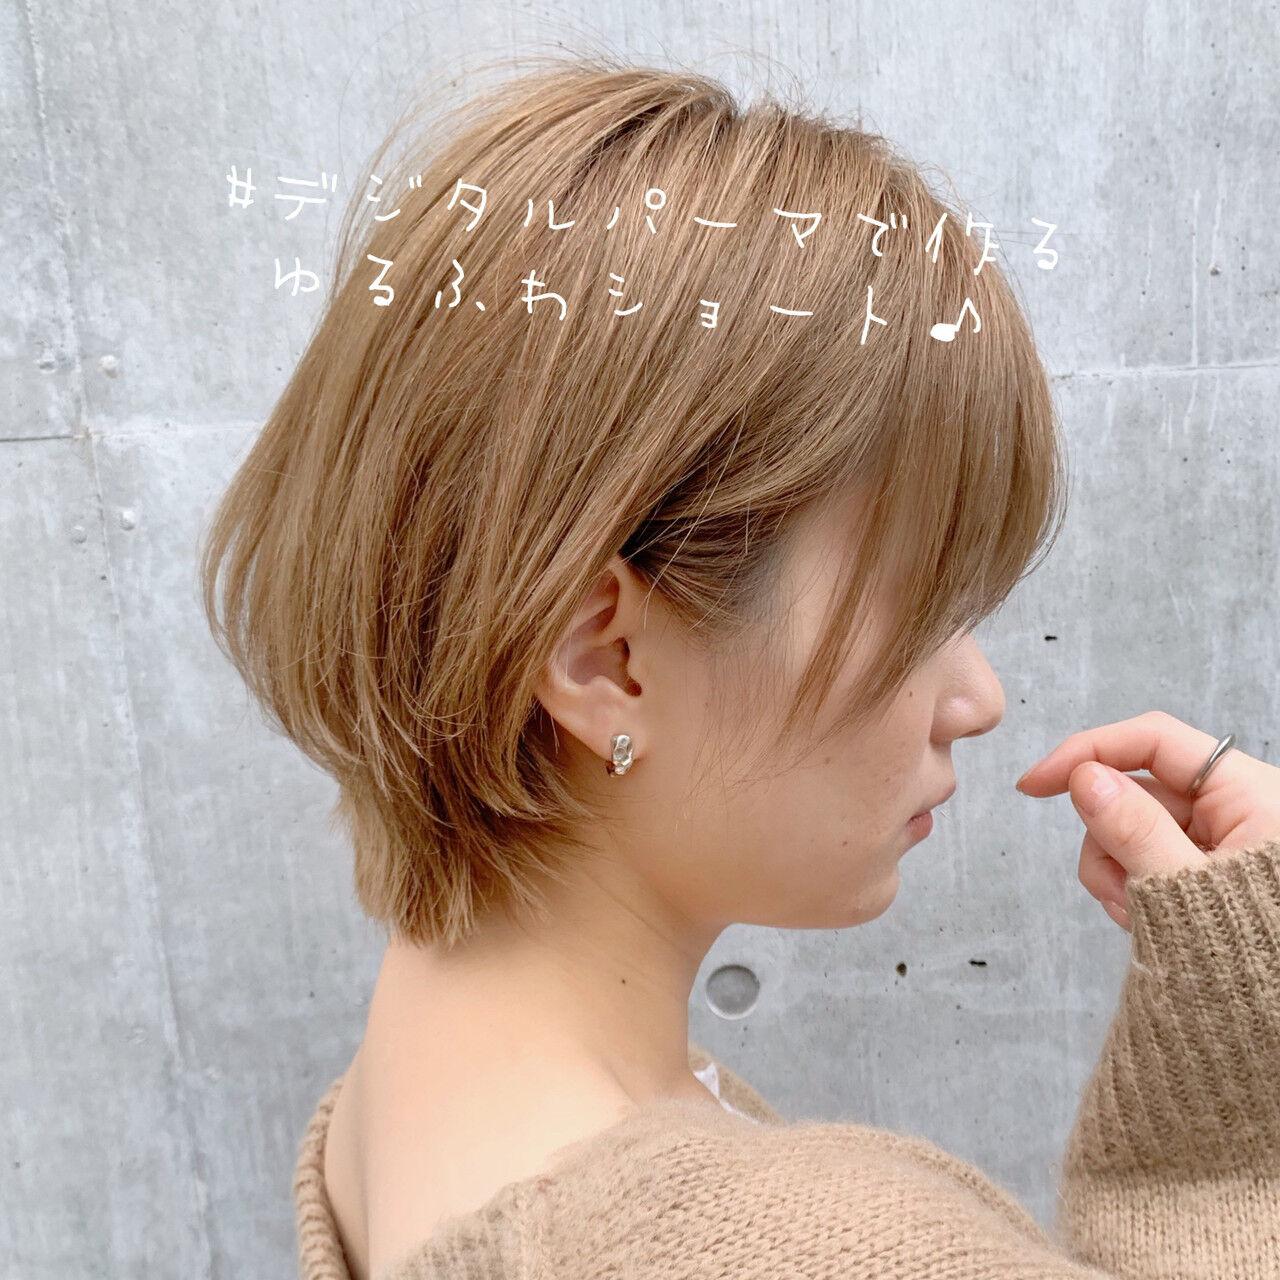 ショートヘア 切りっぱなしボブ ベリーショート ショートボブヘアスタイルや髪型の写真・画像